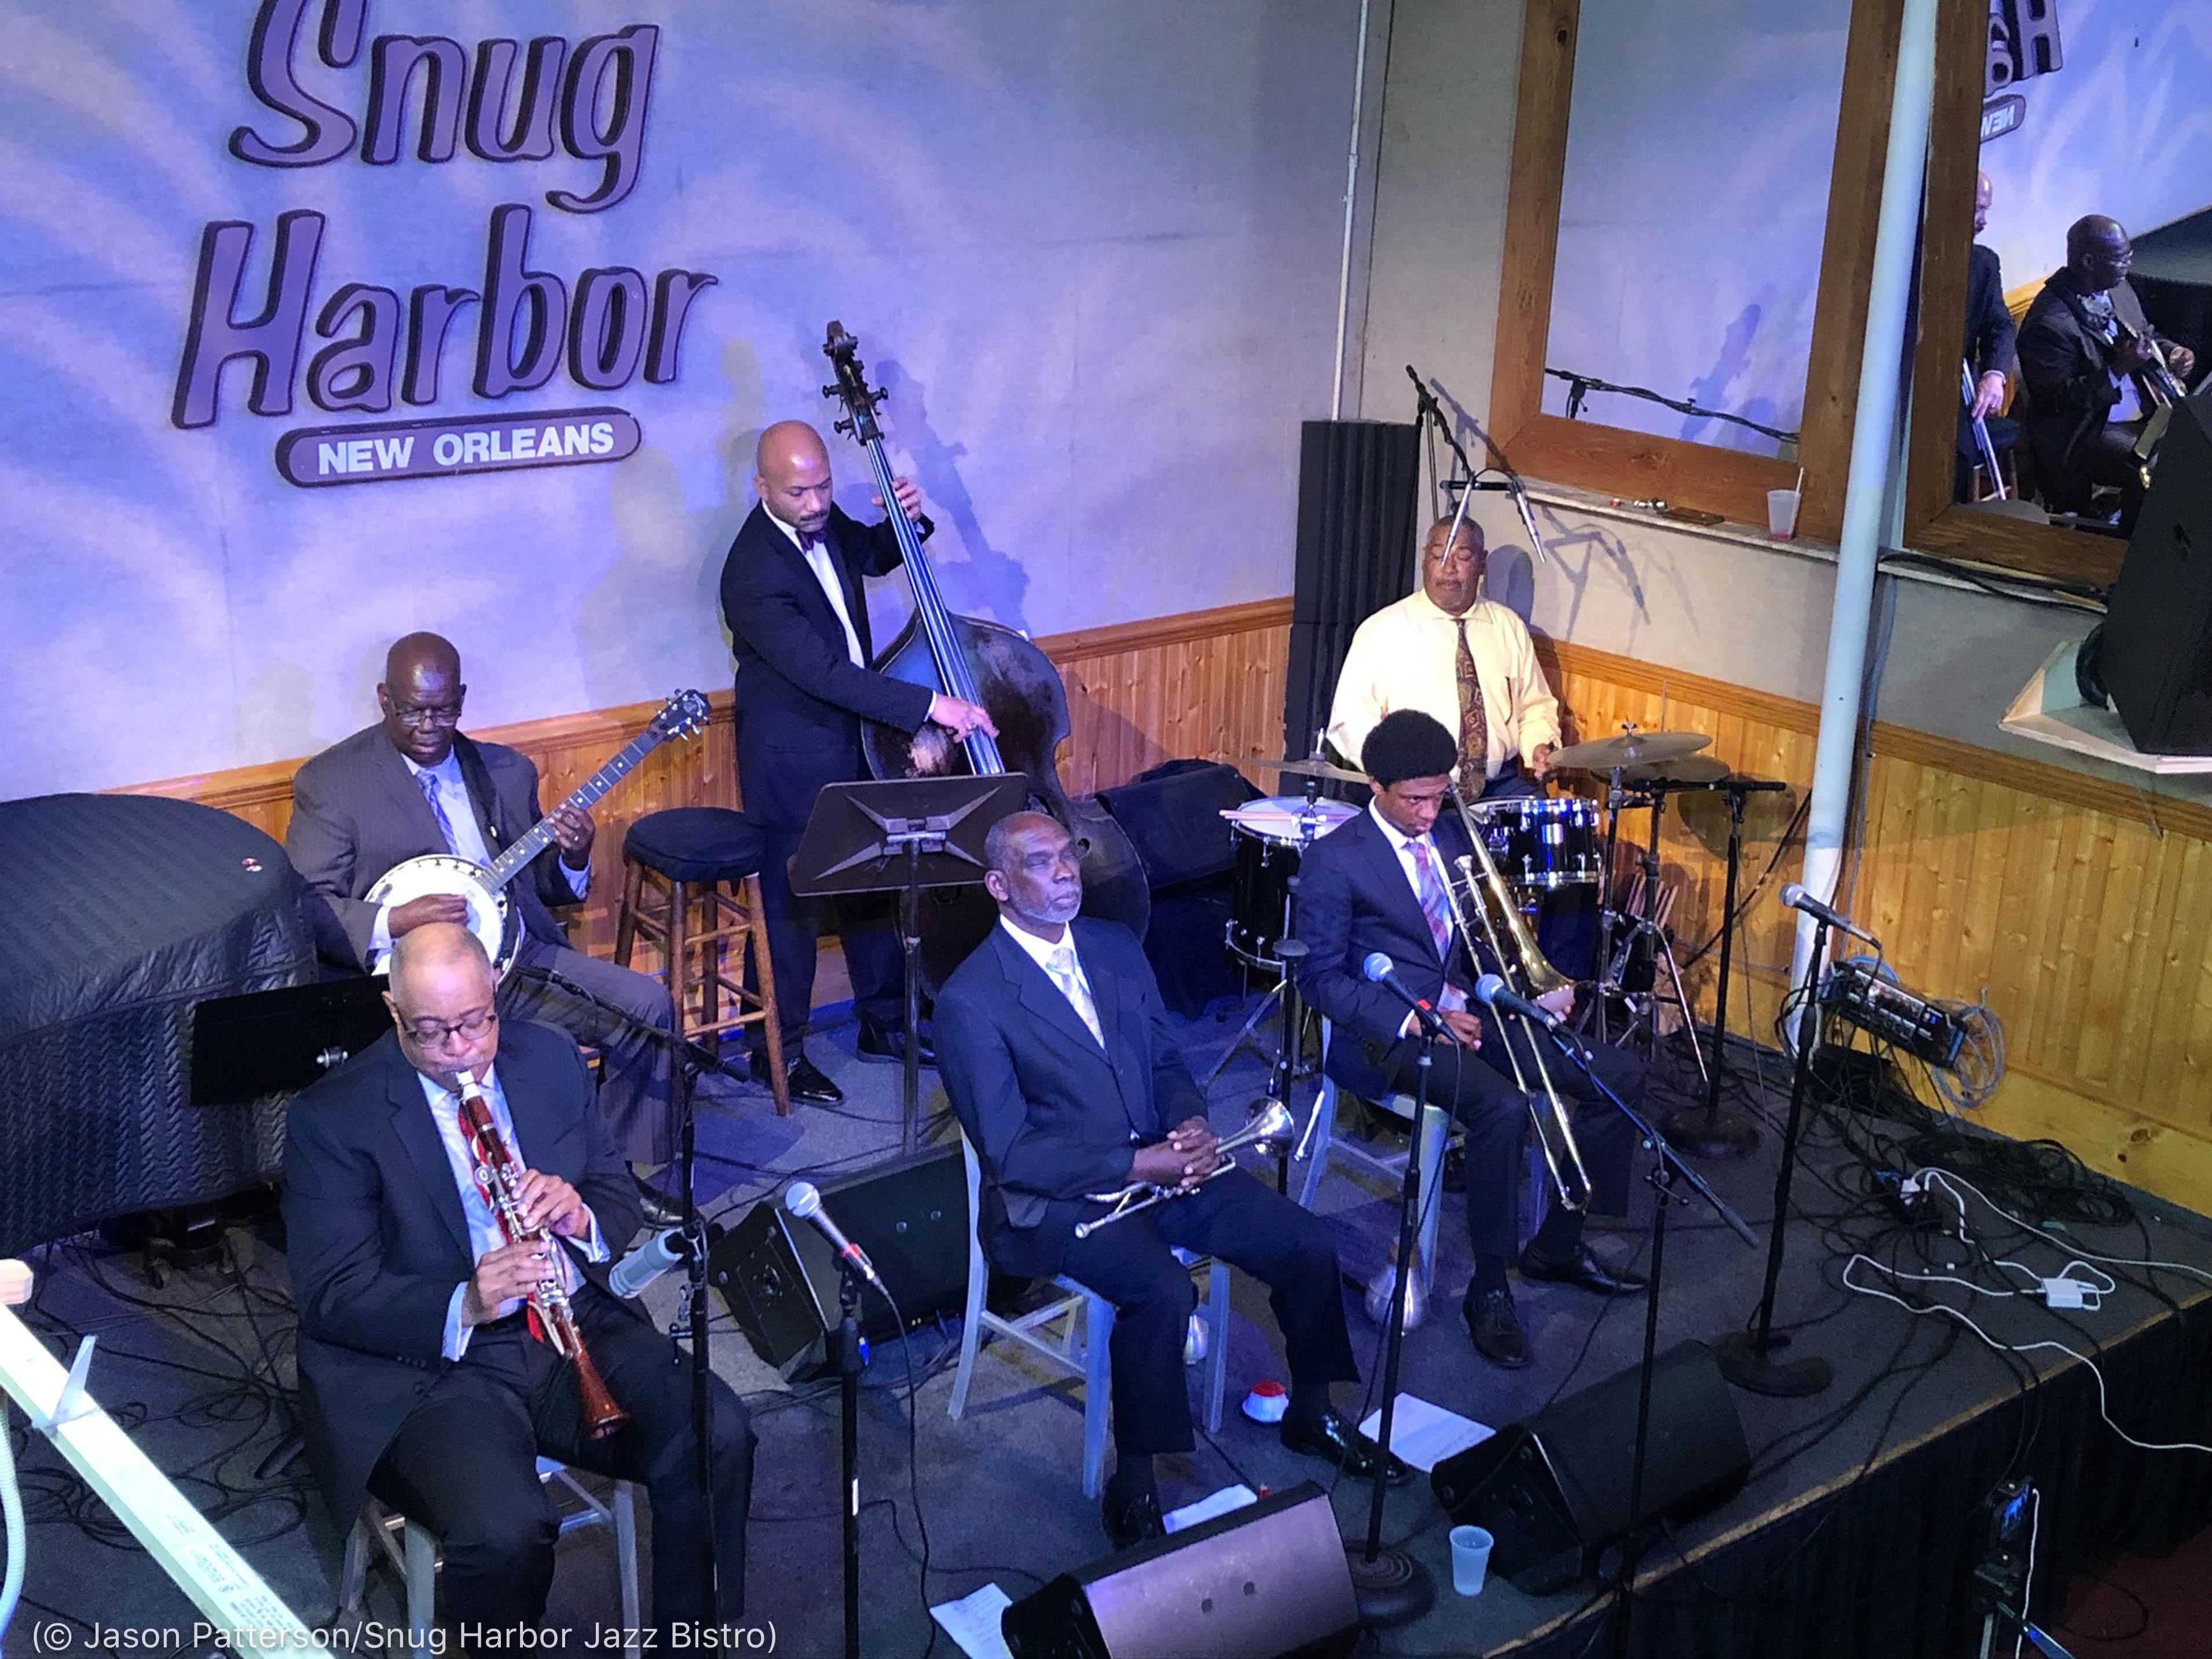 Músicos tocando instrumentos en el escenario del club (© Jason Patterson/Snug Harbor Jazz Bistro)